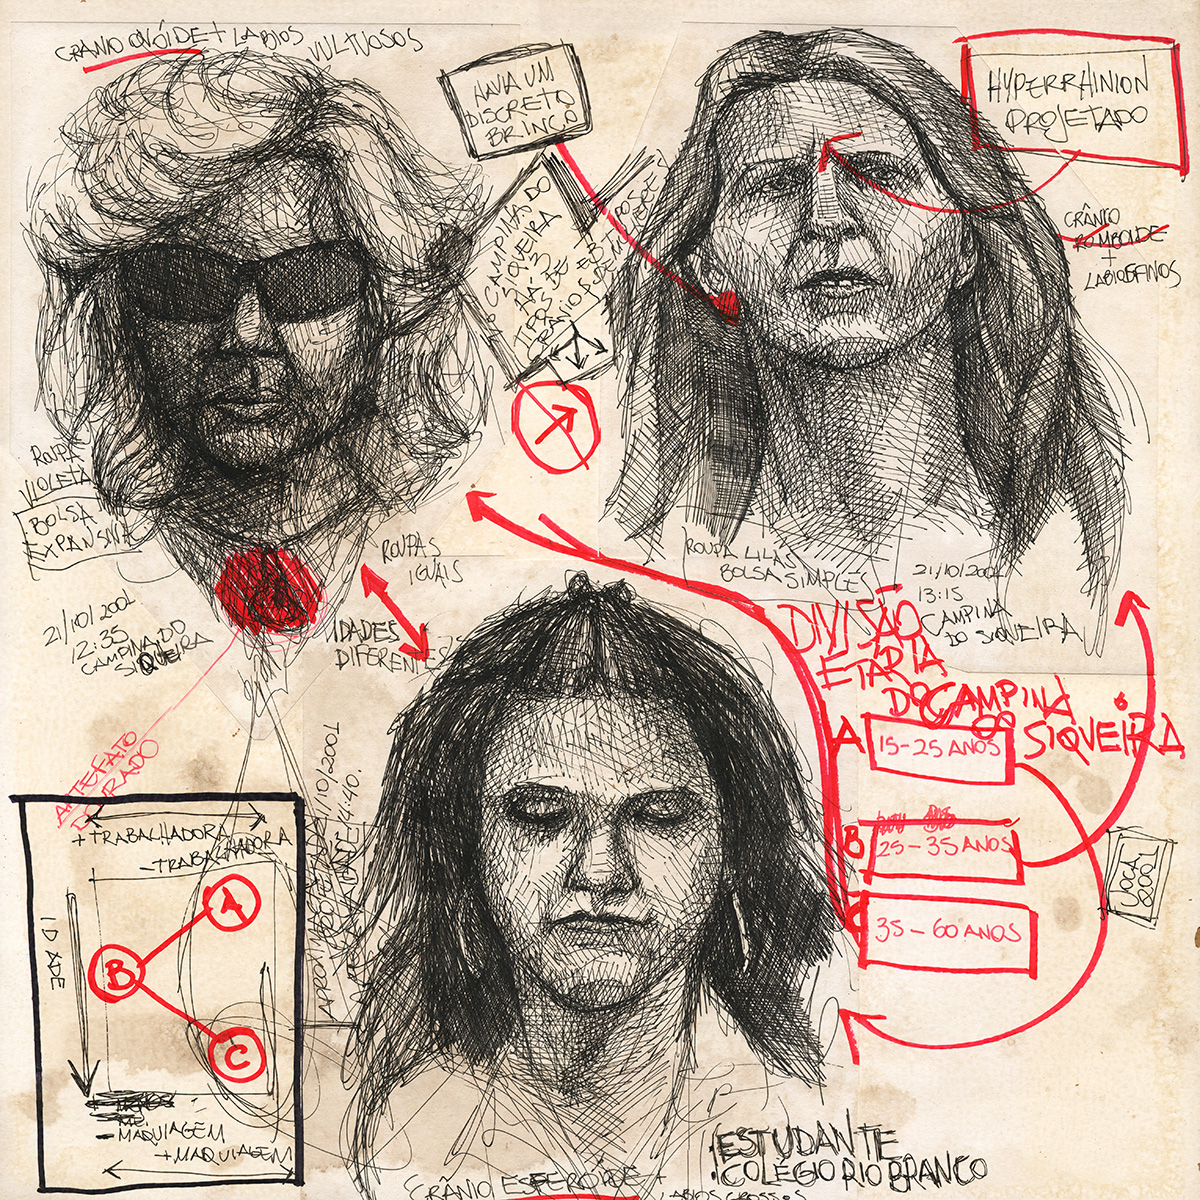 Desenho atribuído a Joaquim de Souza - Fase 2 - 2001.10.21_(14.40)